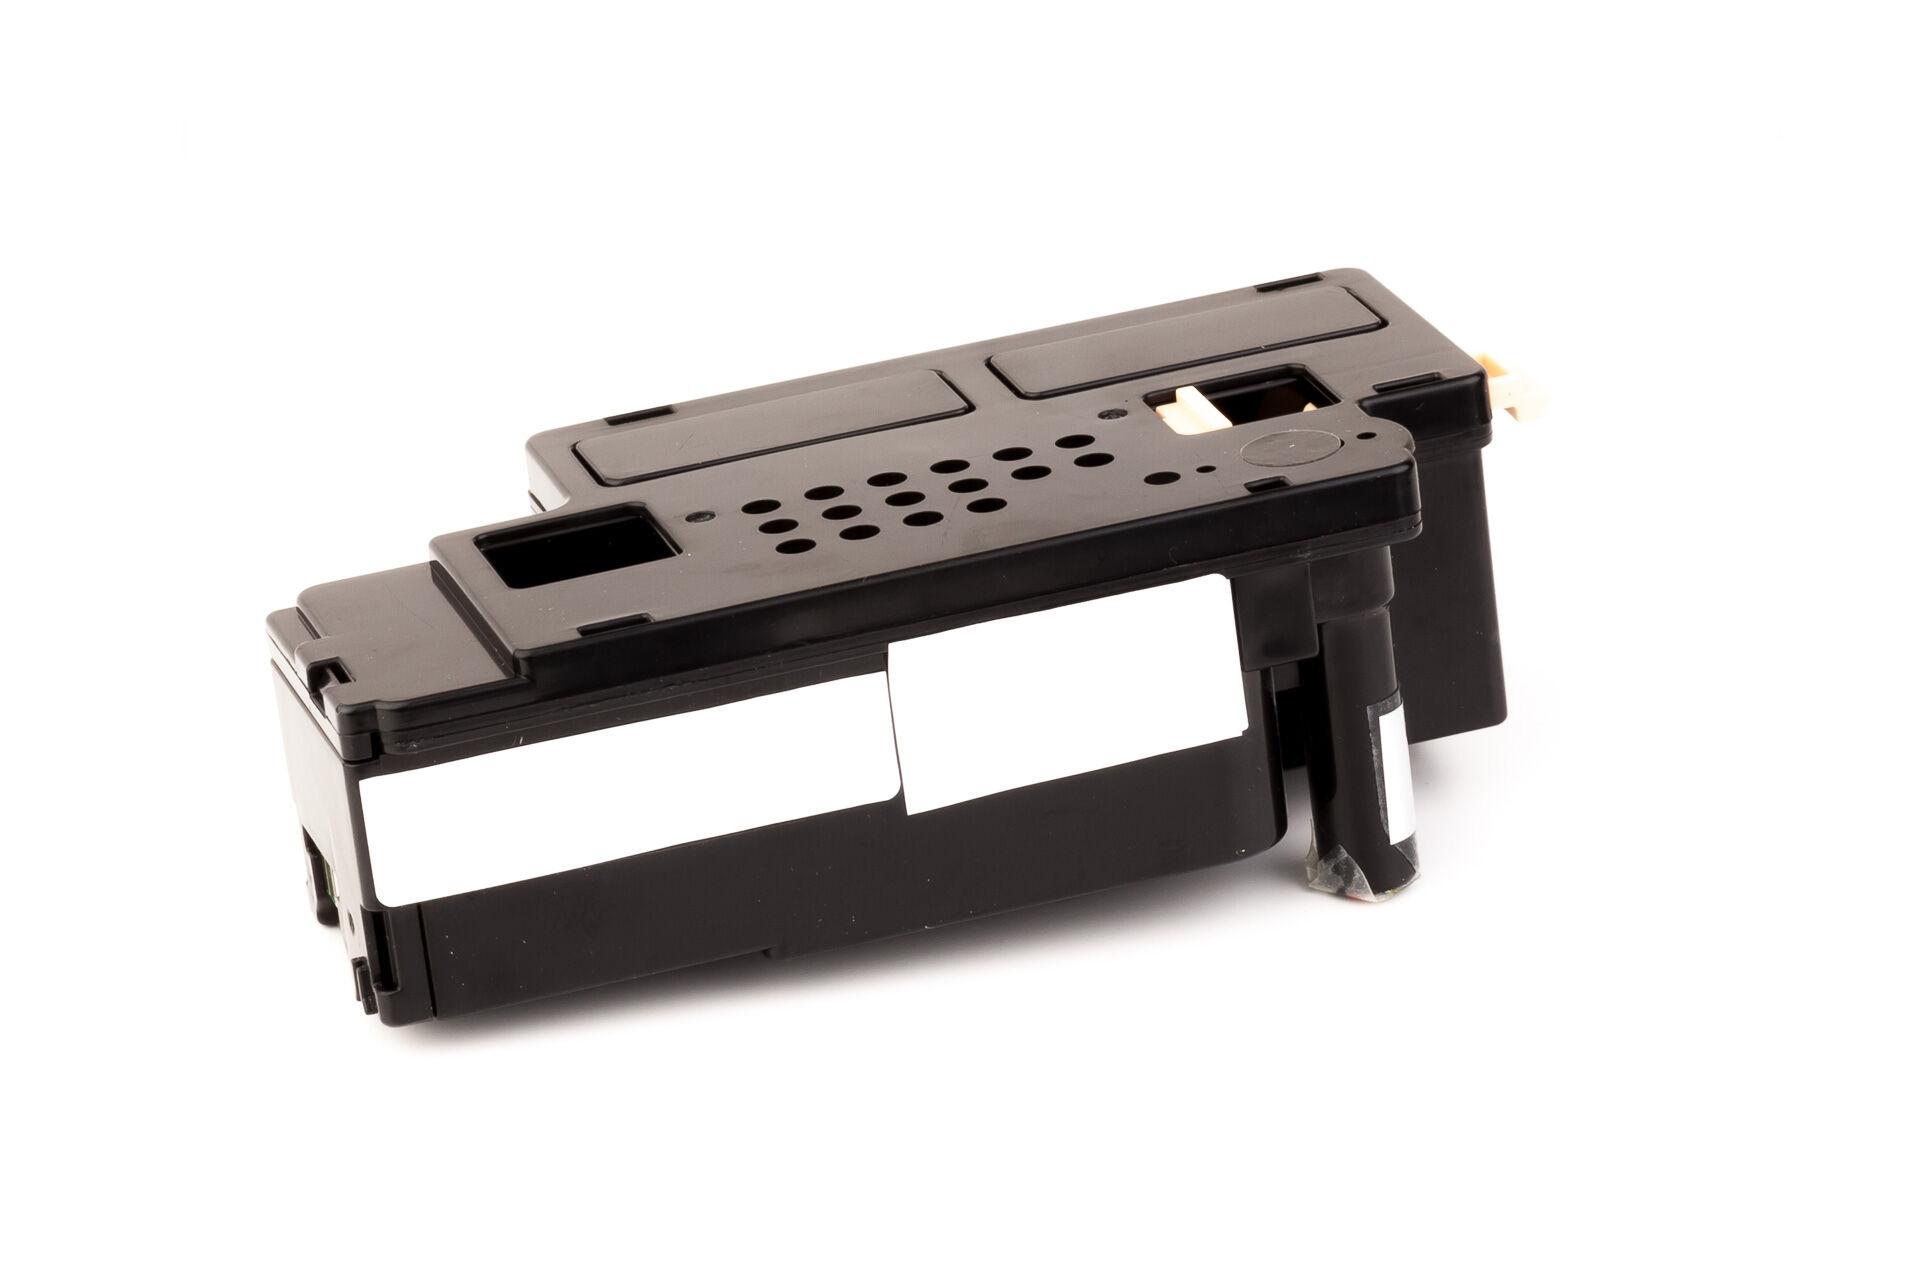 Dell Cartouche de Toner pour Dell 59311130 / 7C6F7 noir compatible (de marque ASC)